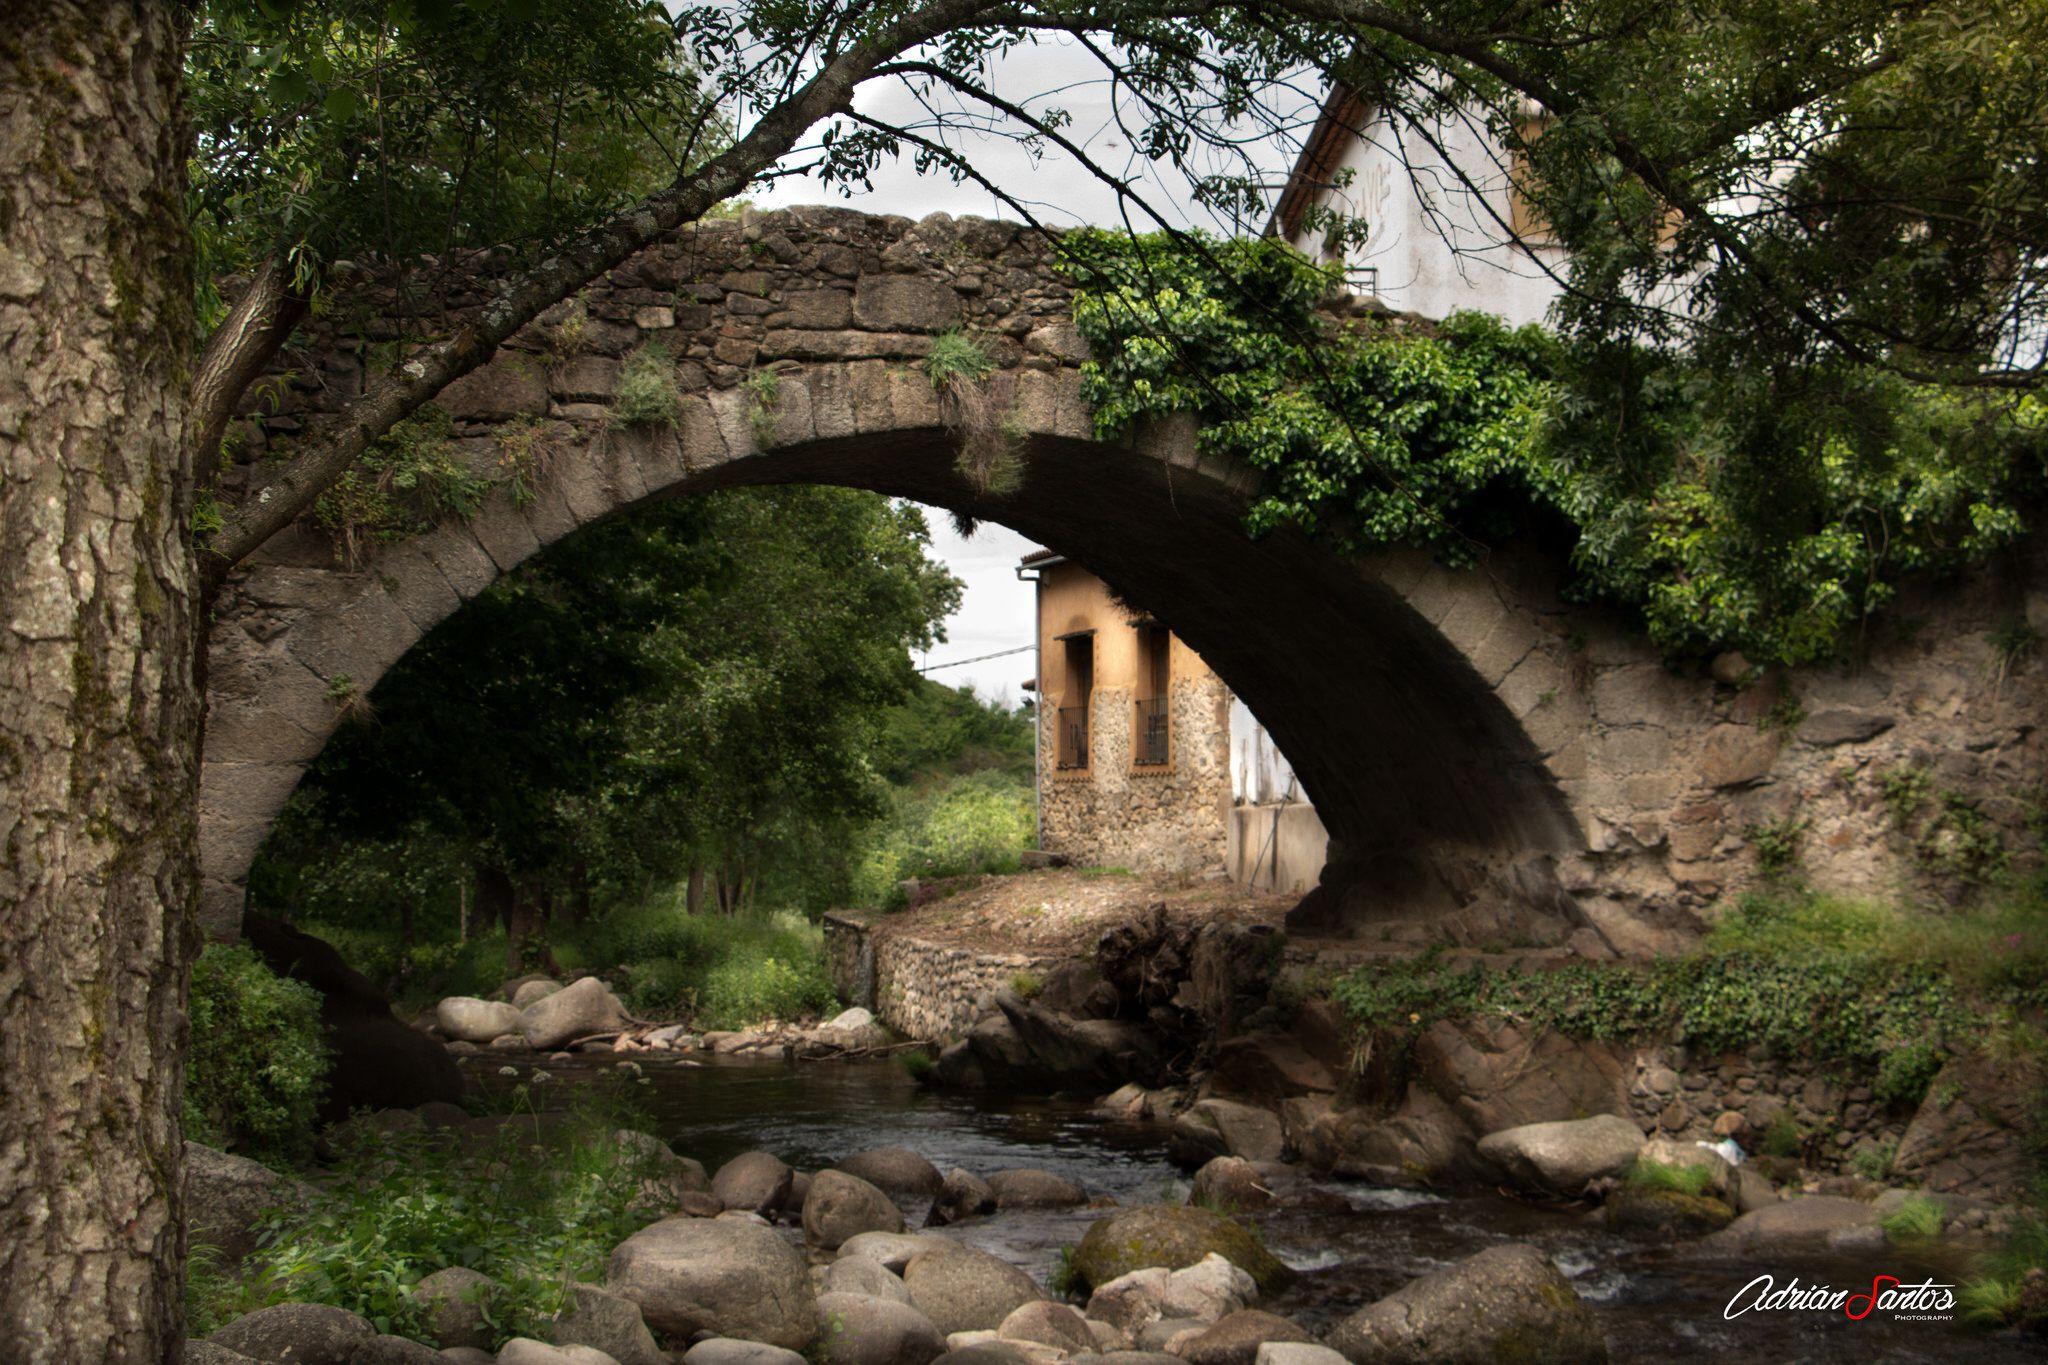 Puente de piedra | Old bridges, Places, Wood